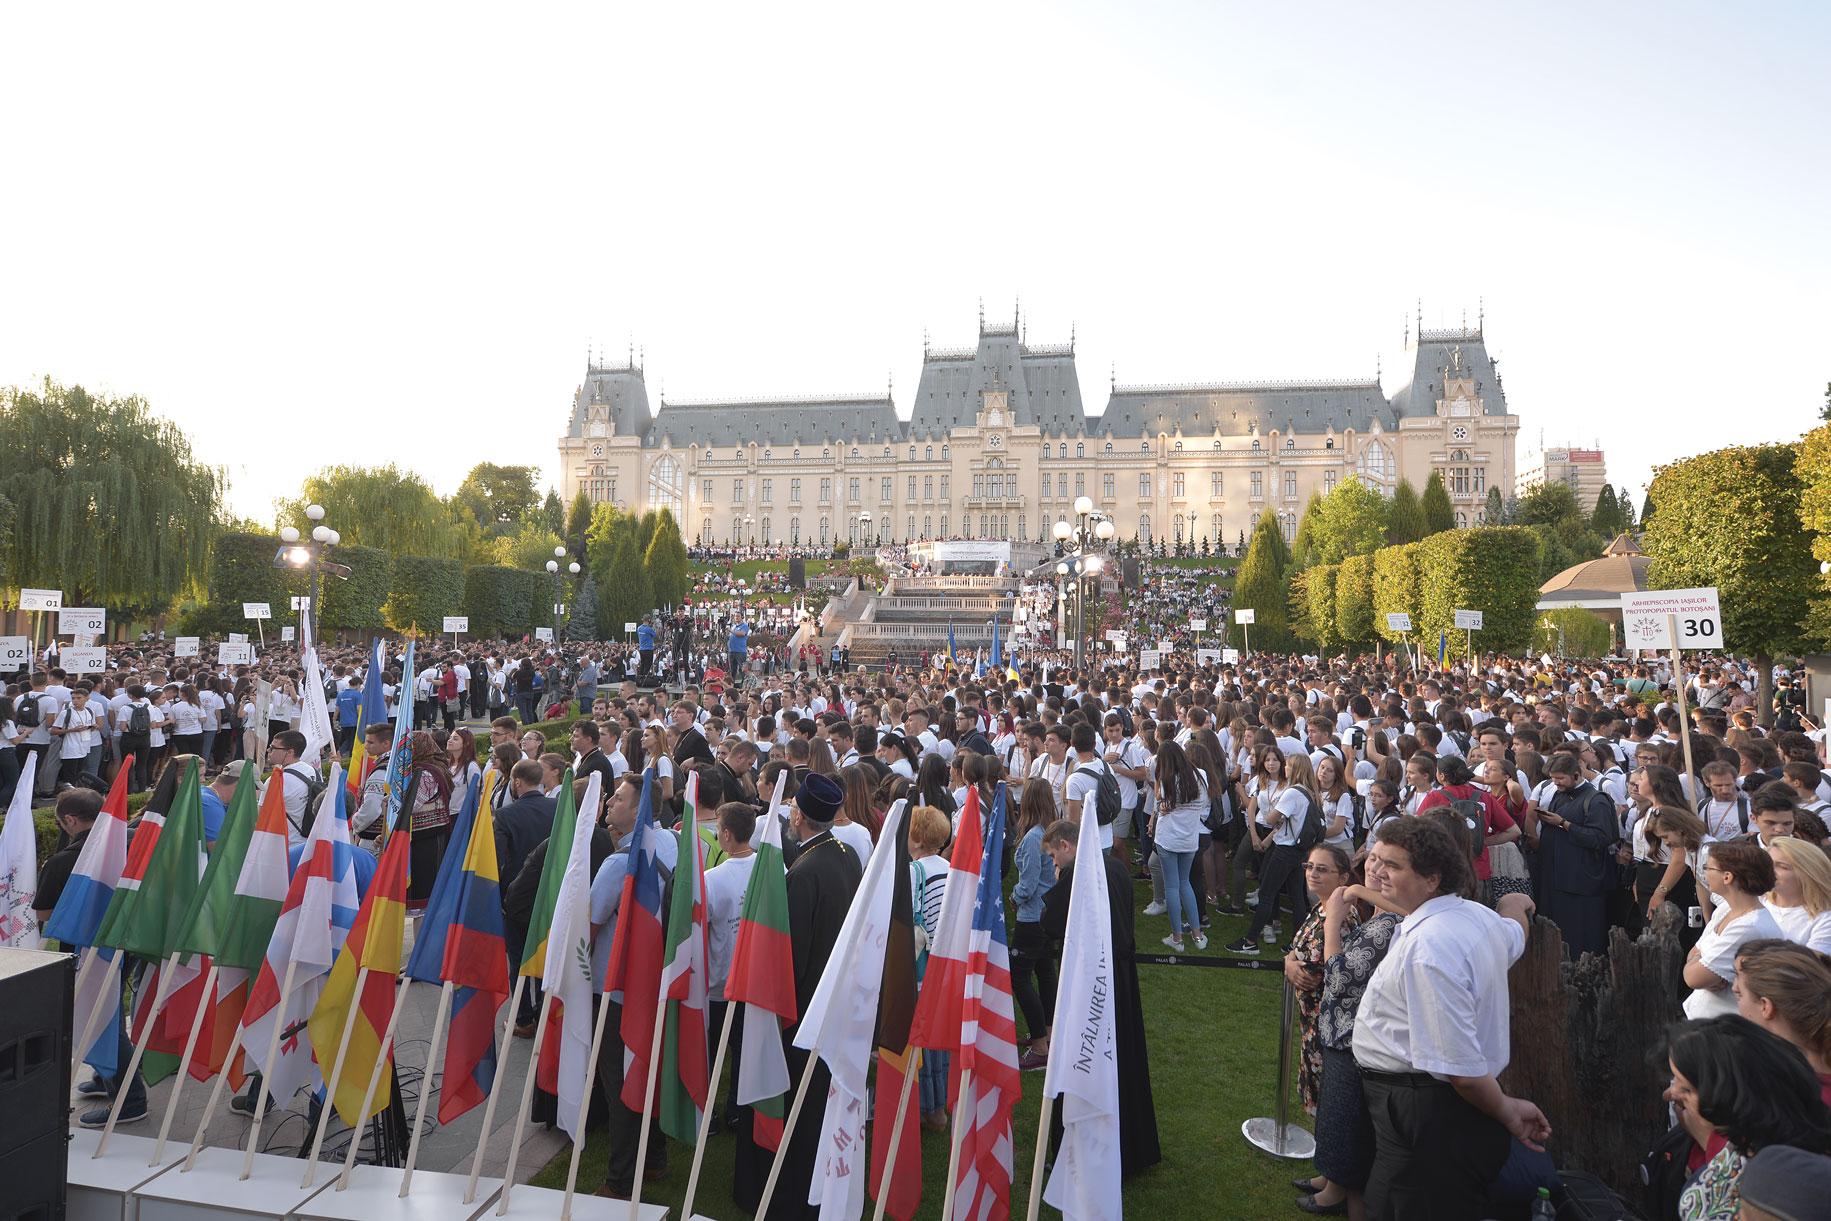 Întâlnirea Internațională a Tinerilor Ortodocși, Iași, 2017